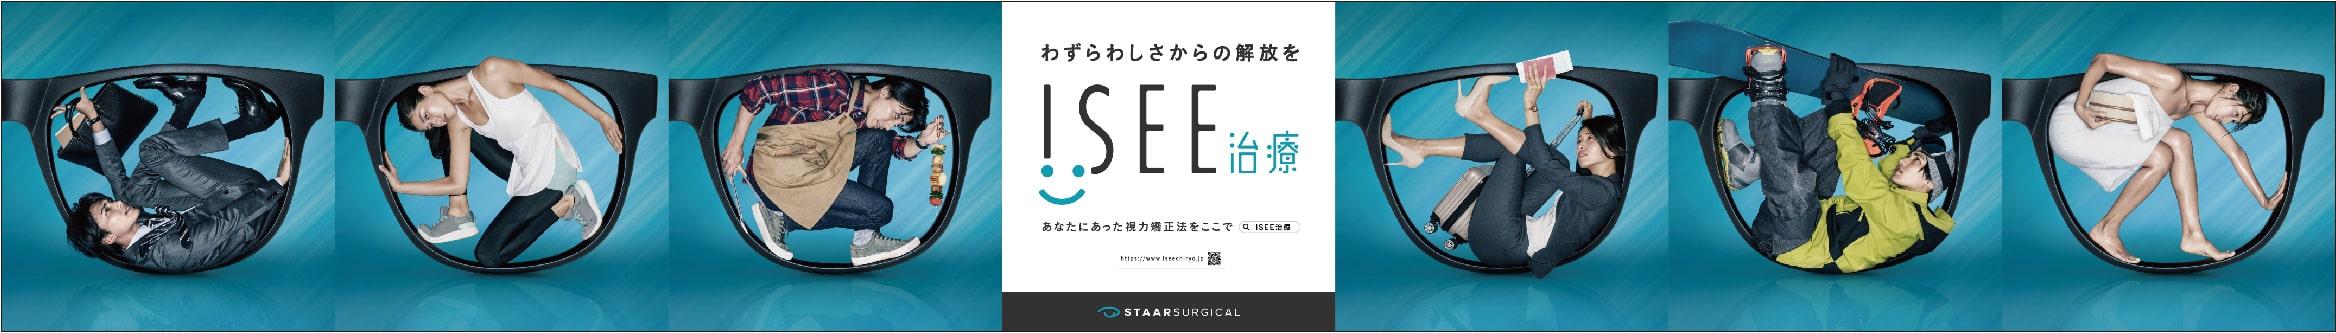 Staar Surgical-眼内コンタクトレンズ・ISEE治療のポスター